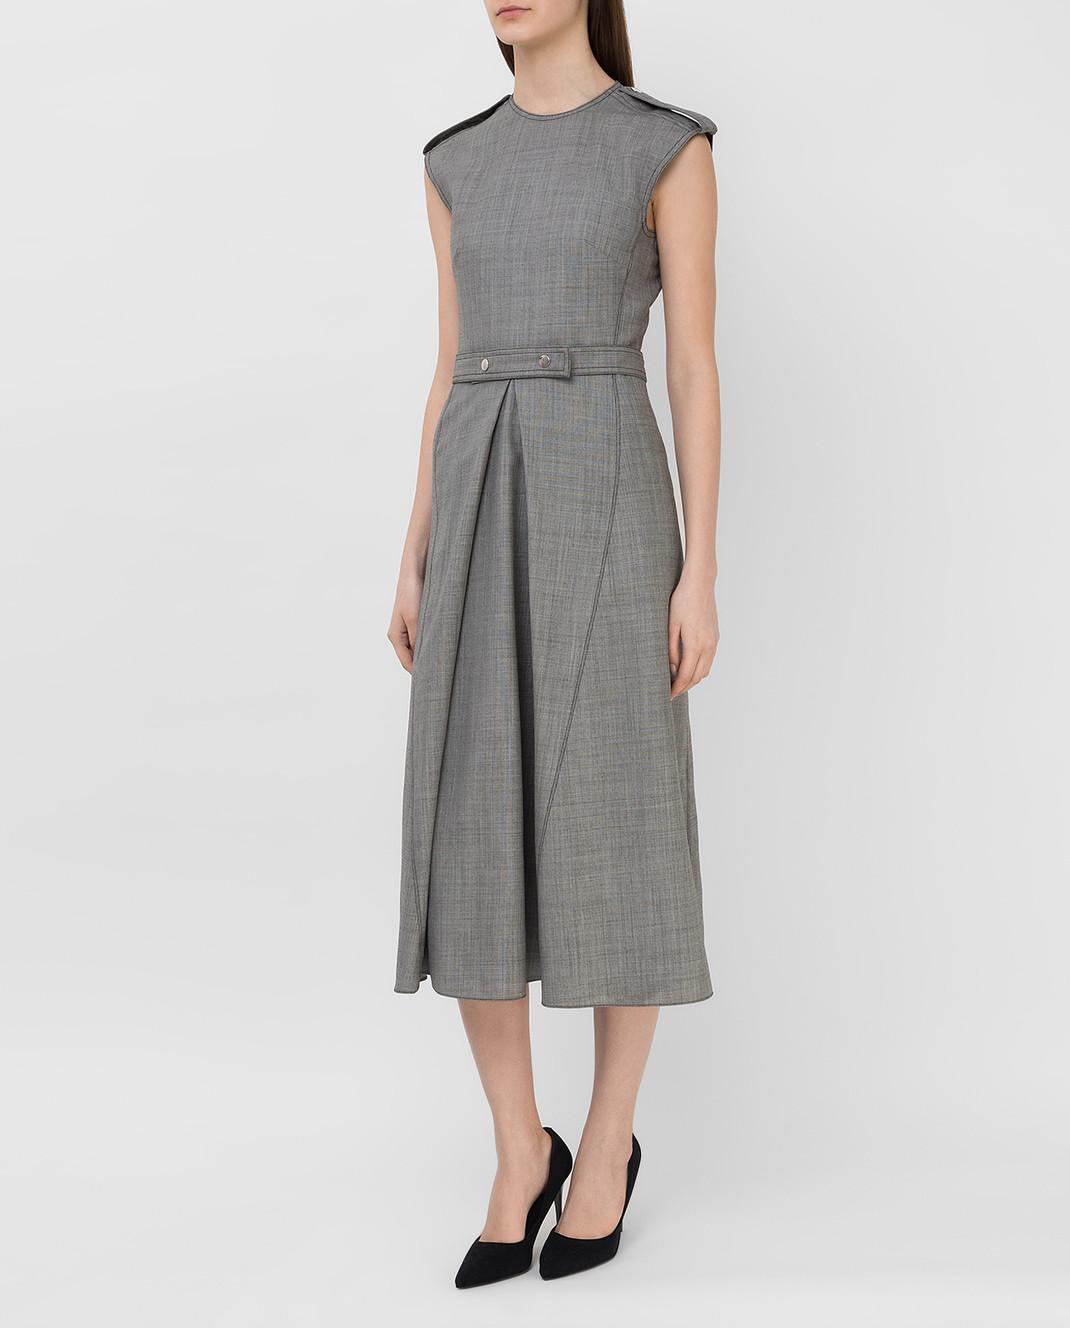 Victoria Beckham Серое платье из шерсти DRMID6602 изображение 3